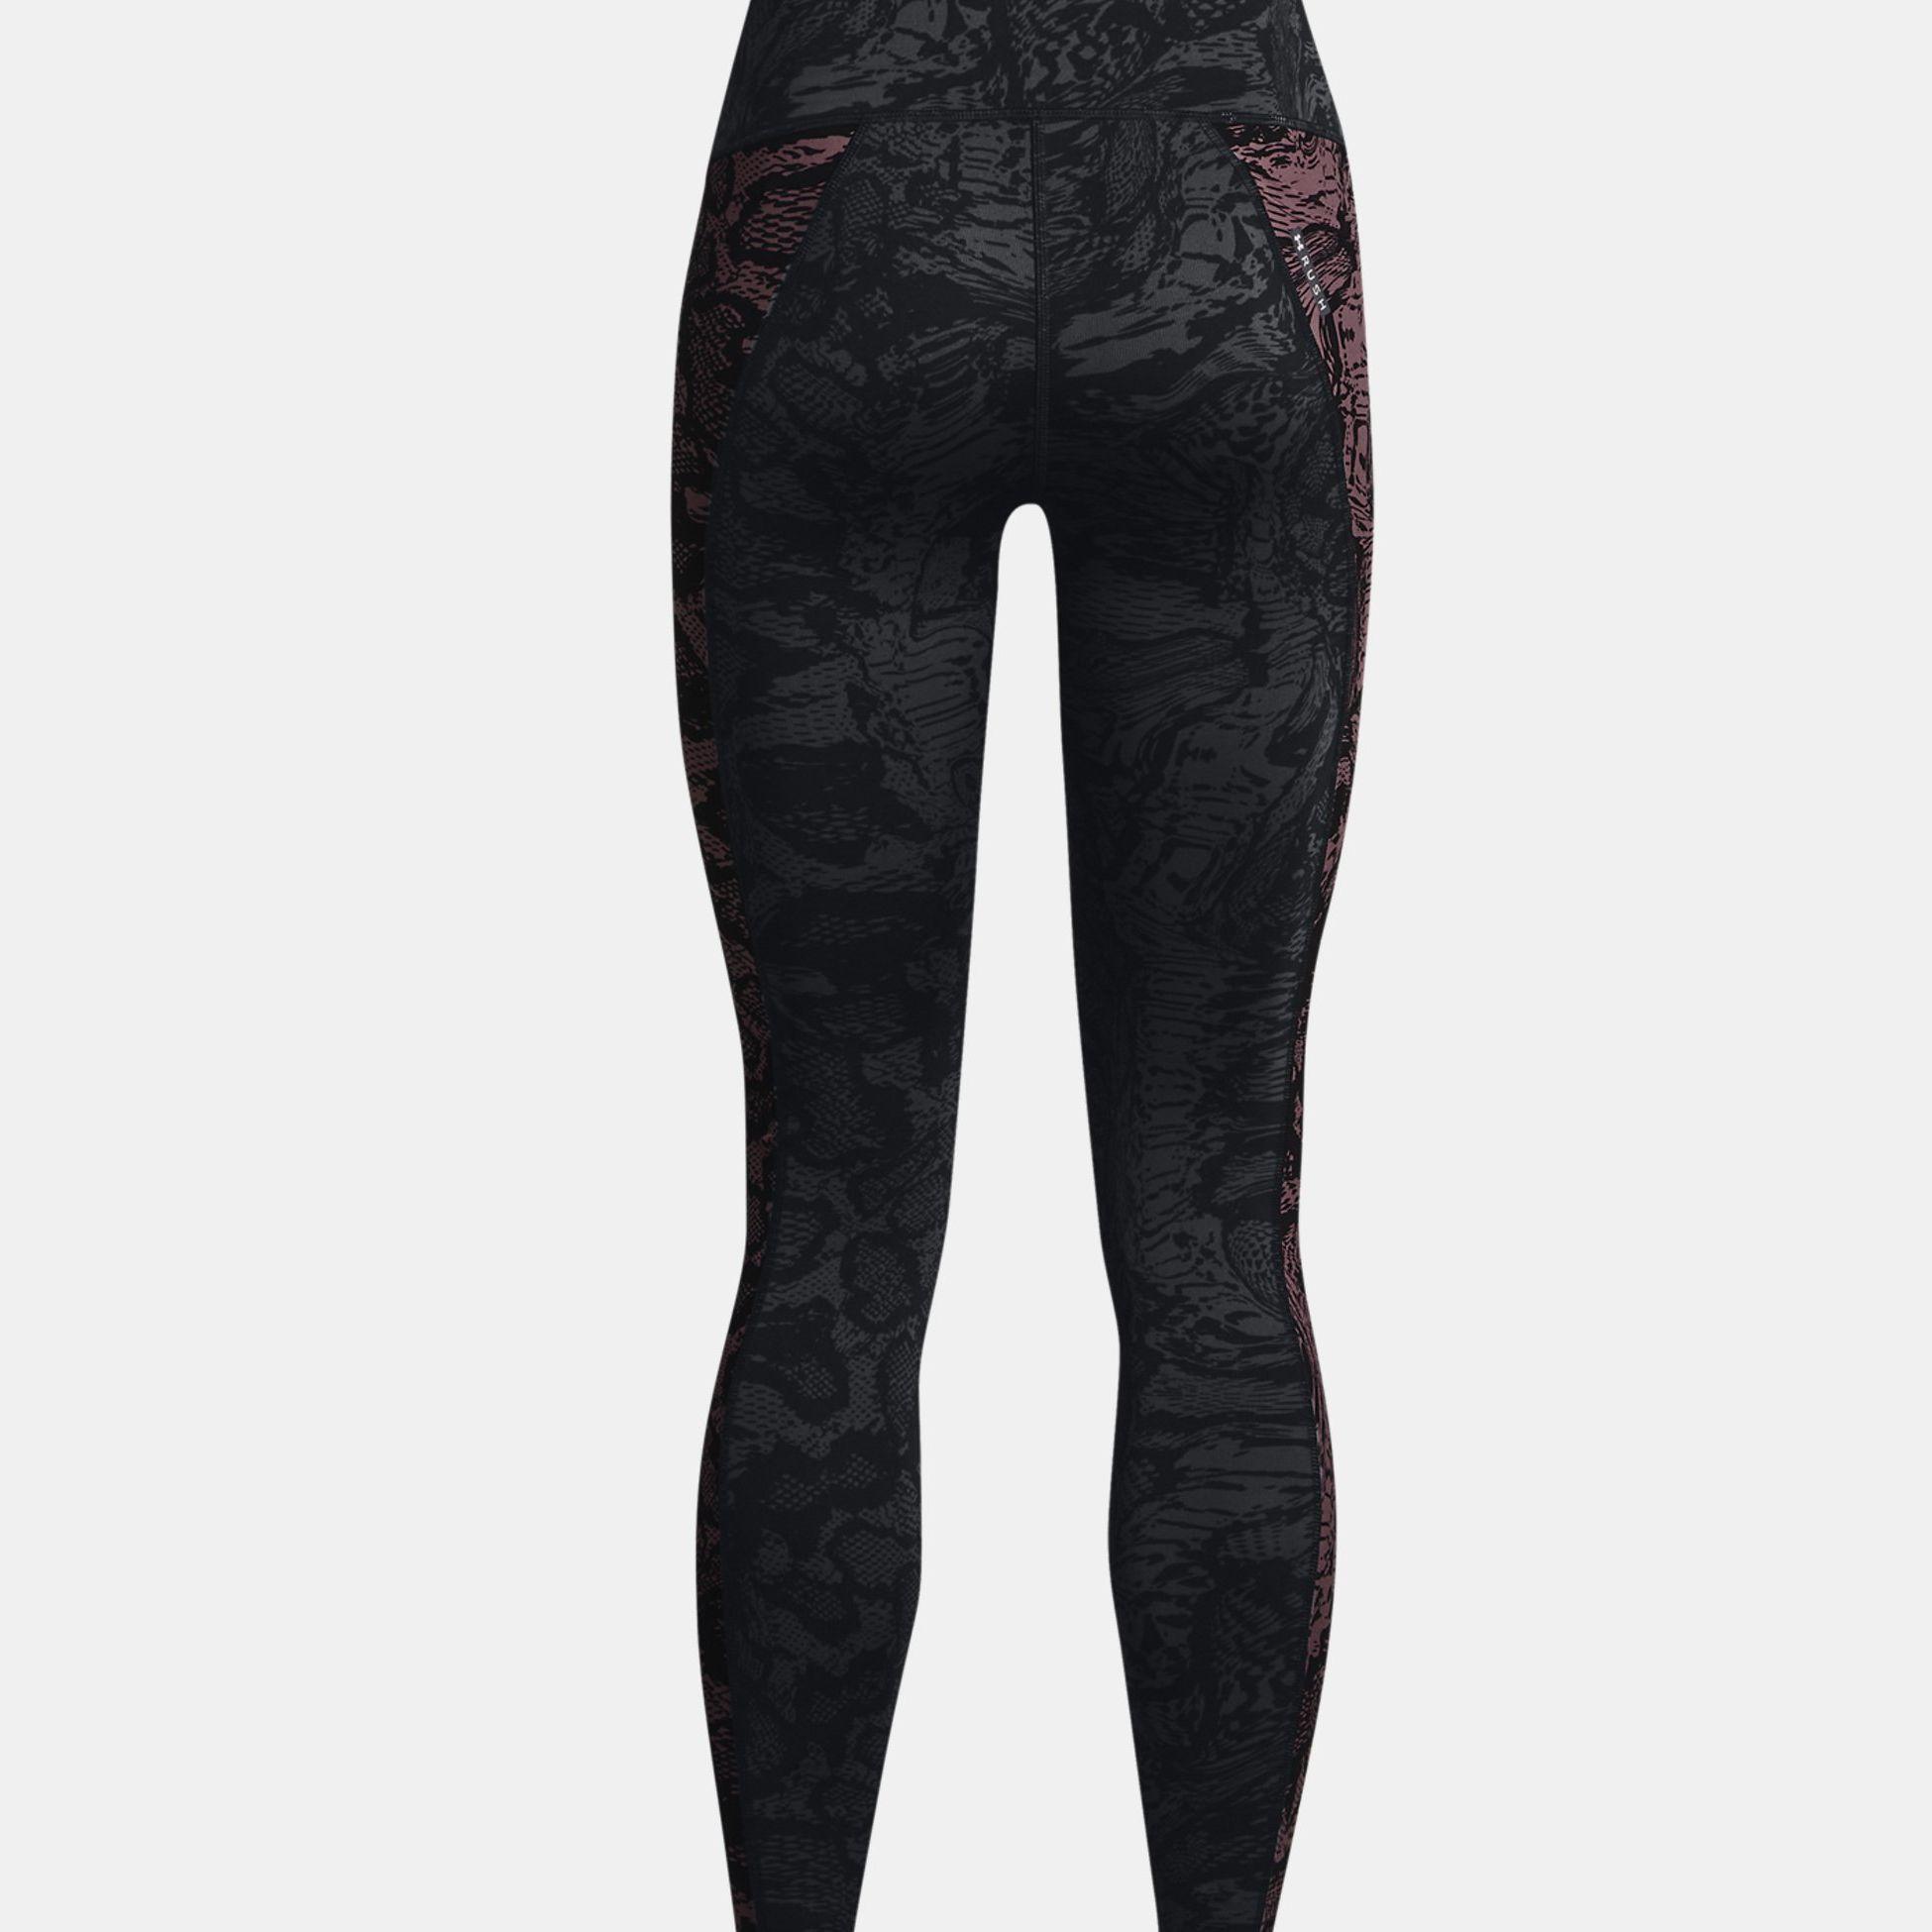 Îmbrăcăminte -  under armour UA RUSH No-Slip Waistband Printed Leggings